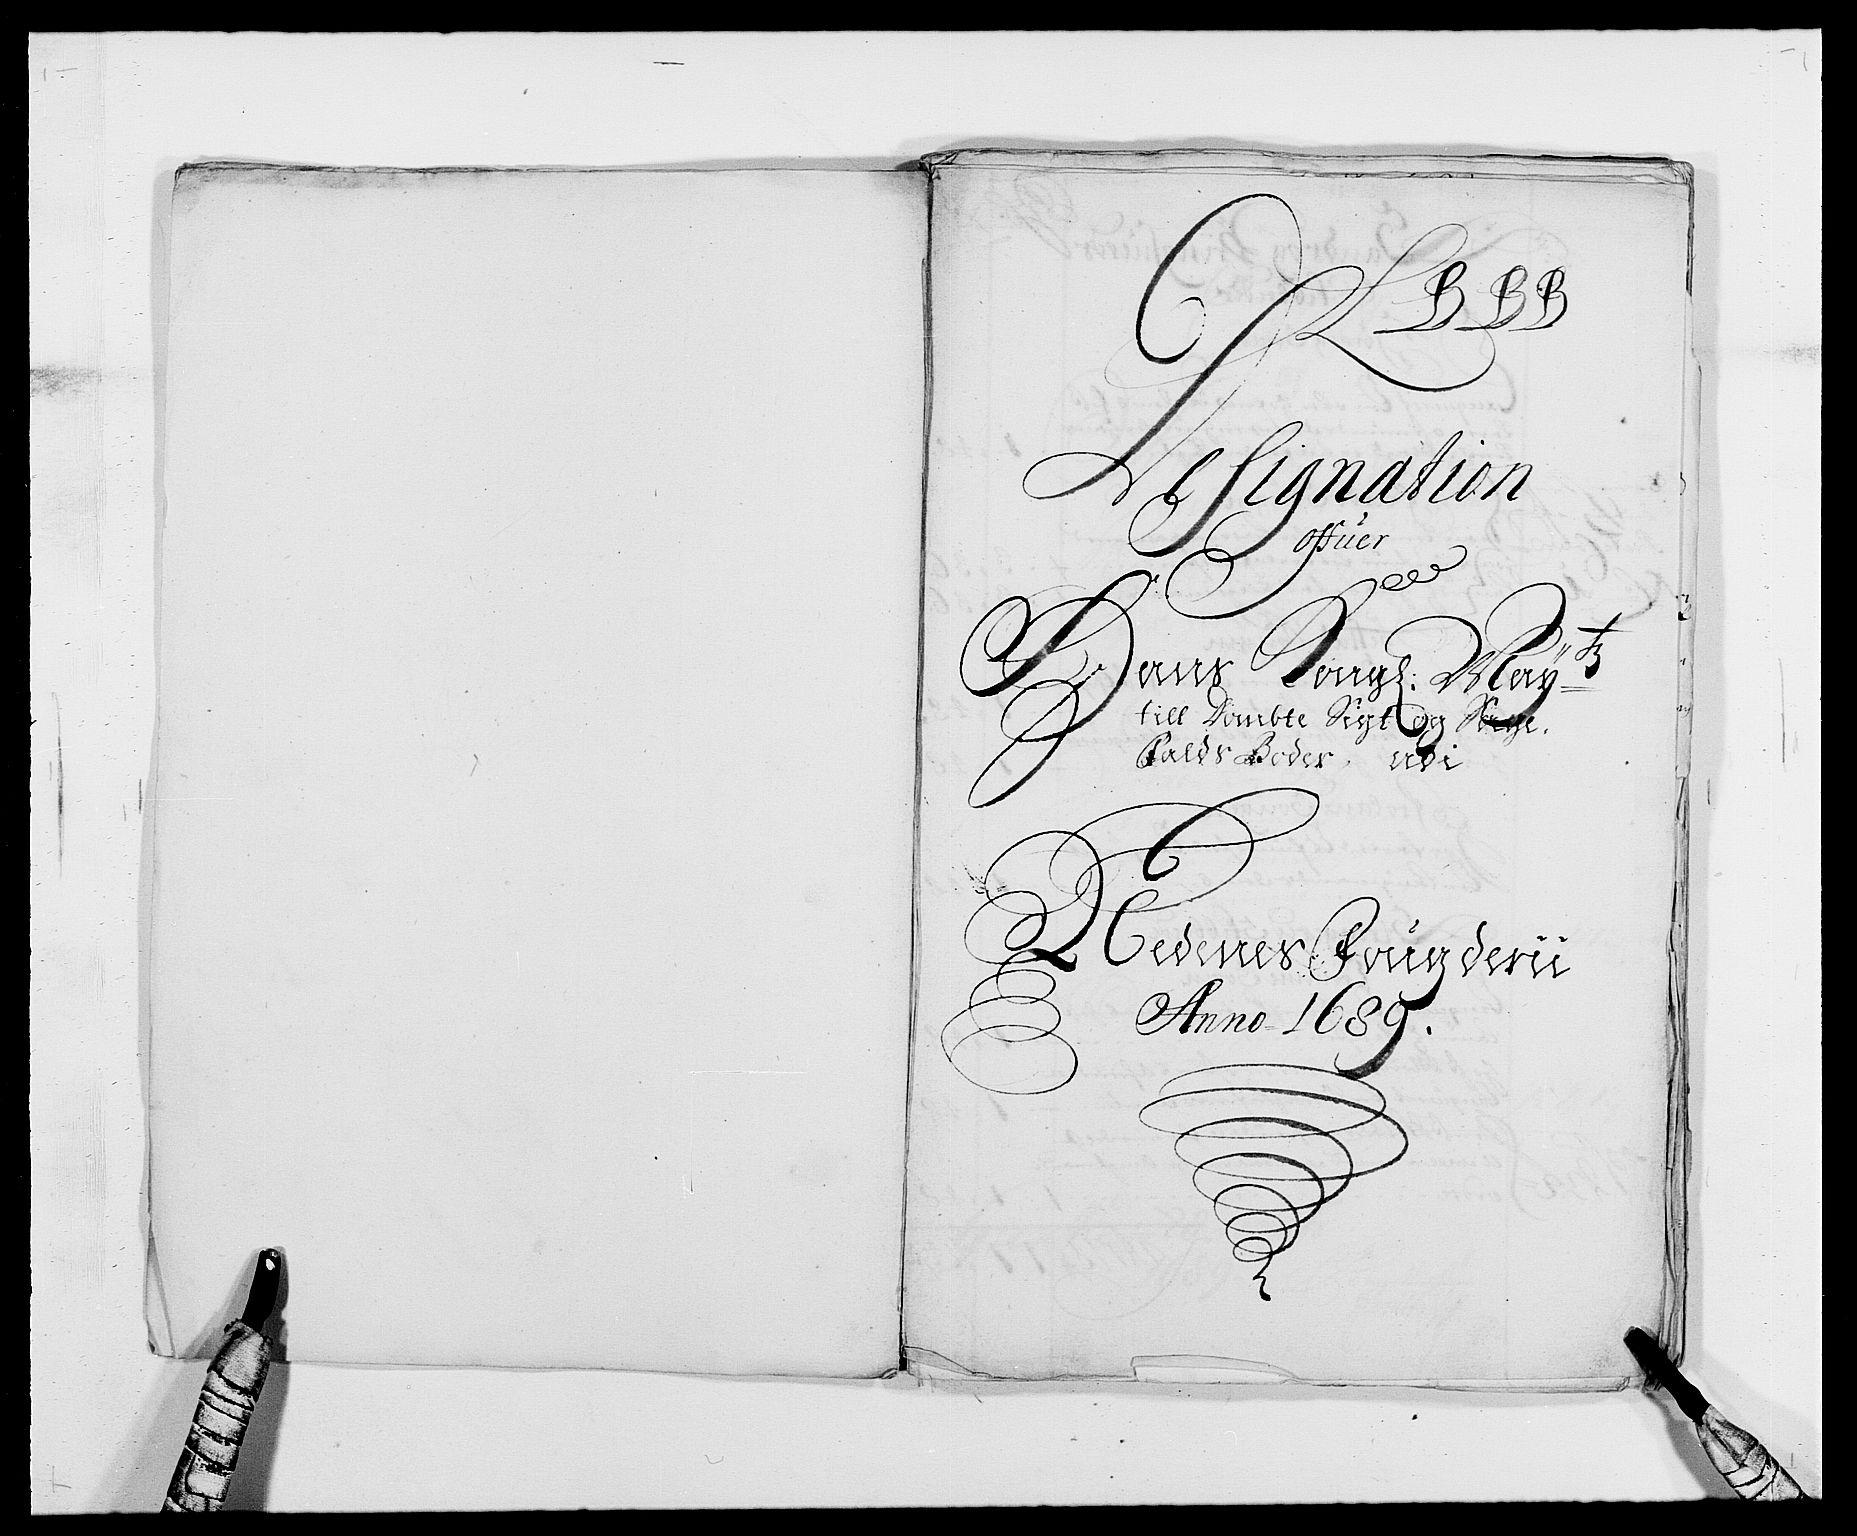 RA, Rentekammeret inntil 1814, Reviderte regnskaper, Fogderegnskap, R39/L2309: Fogderegnskap Nedenes, 1684-1689, s. 286